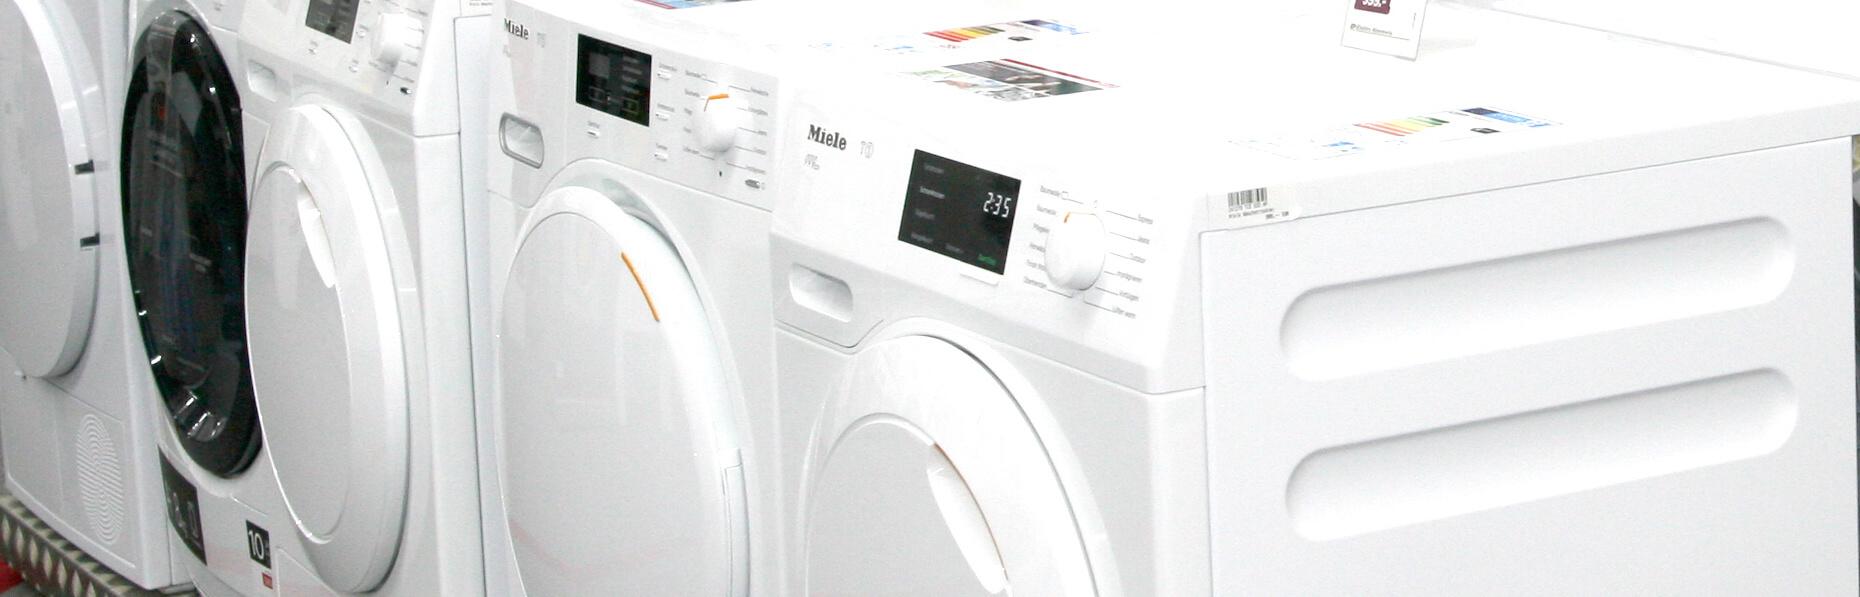 elektro-fachhhandel-radolfzell_verkauf_Waschmaschinen